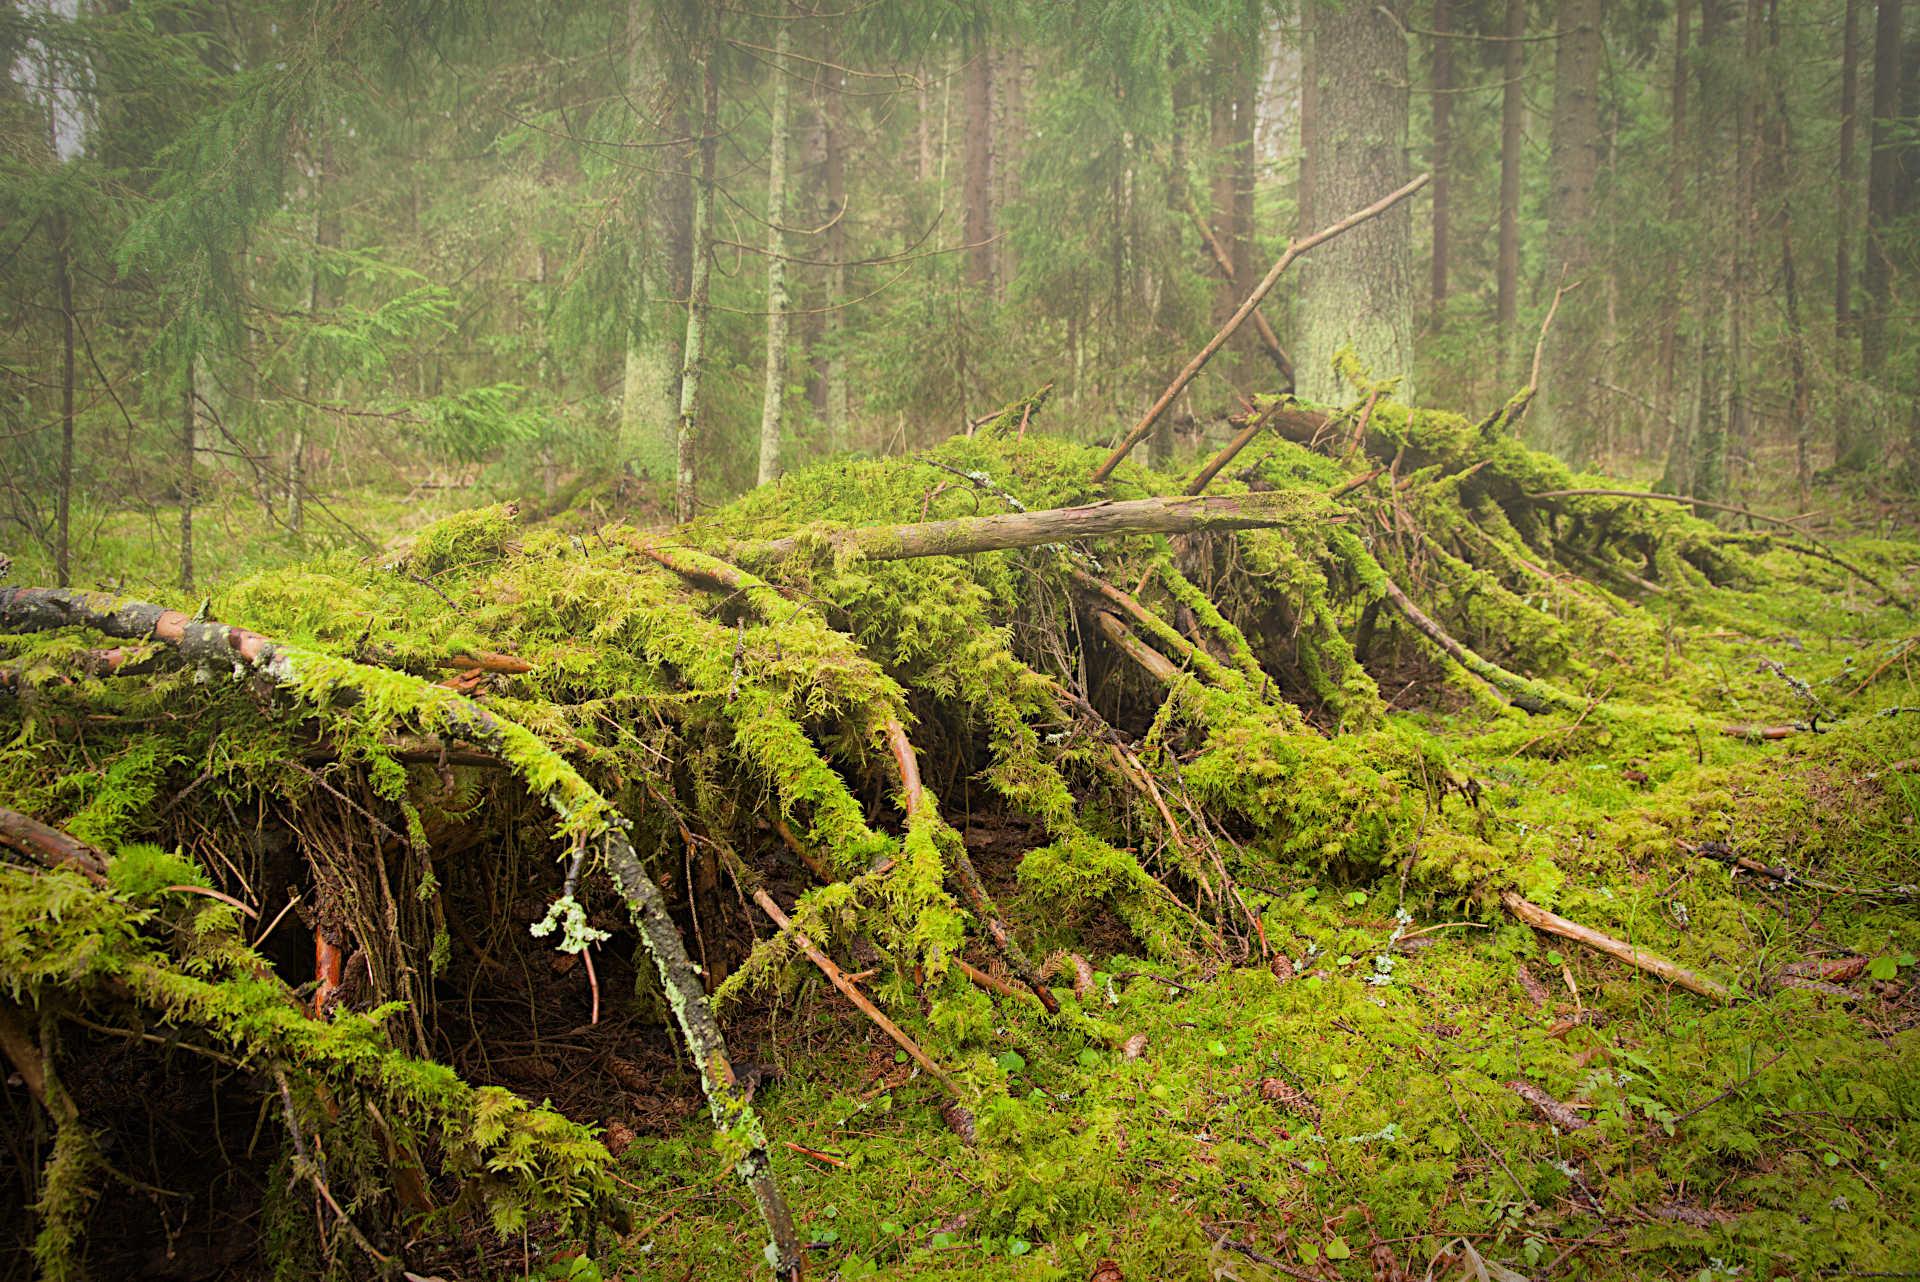 Nimi: Metsässä, Kuvaaja: Markku Ylilammi